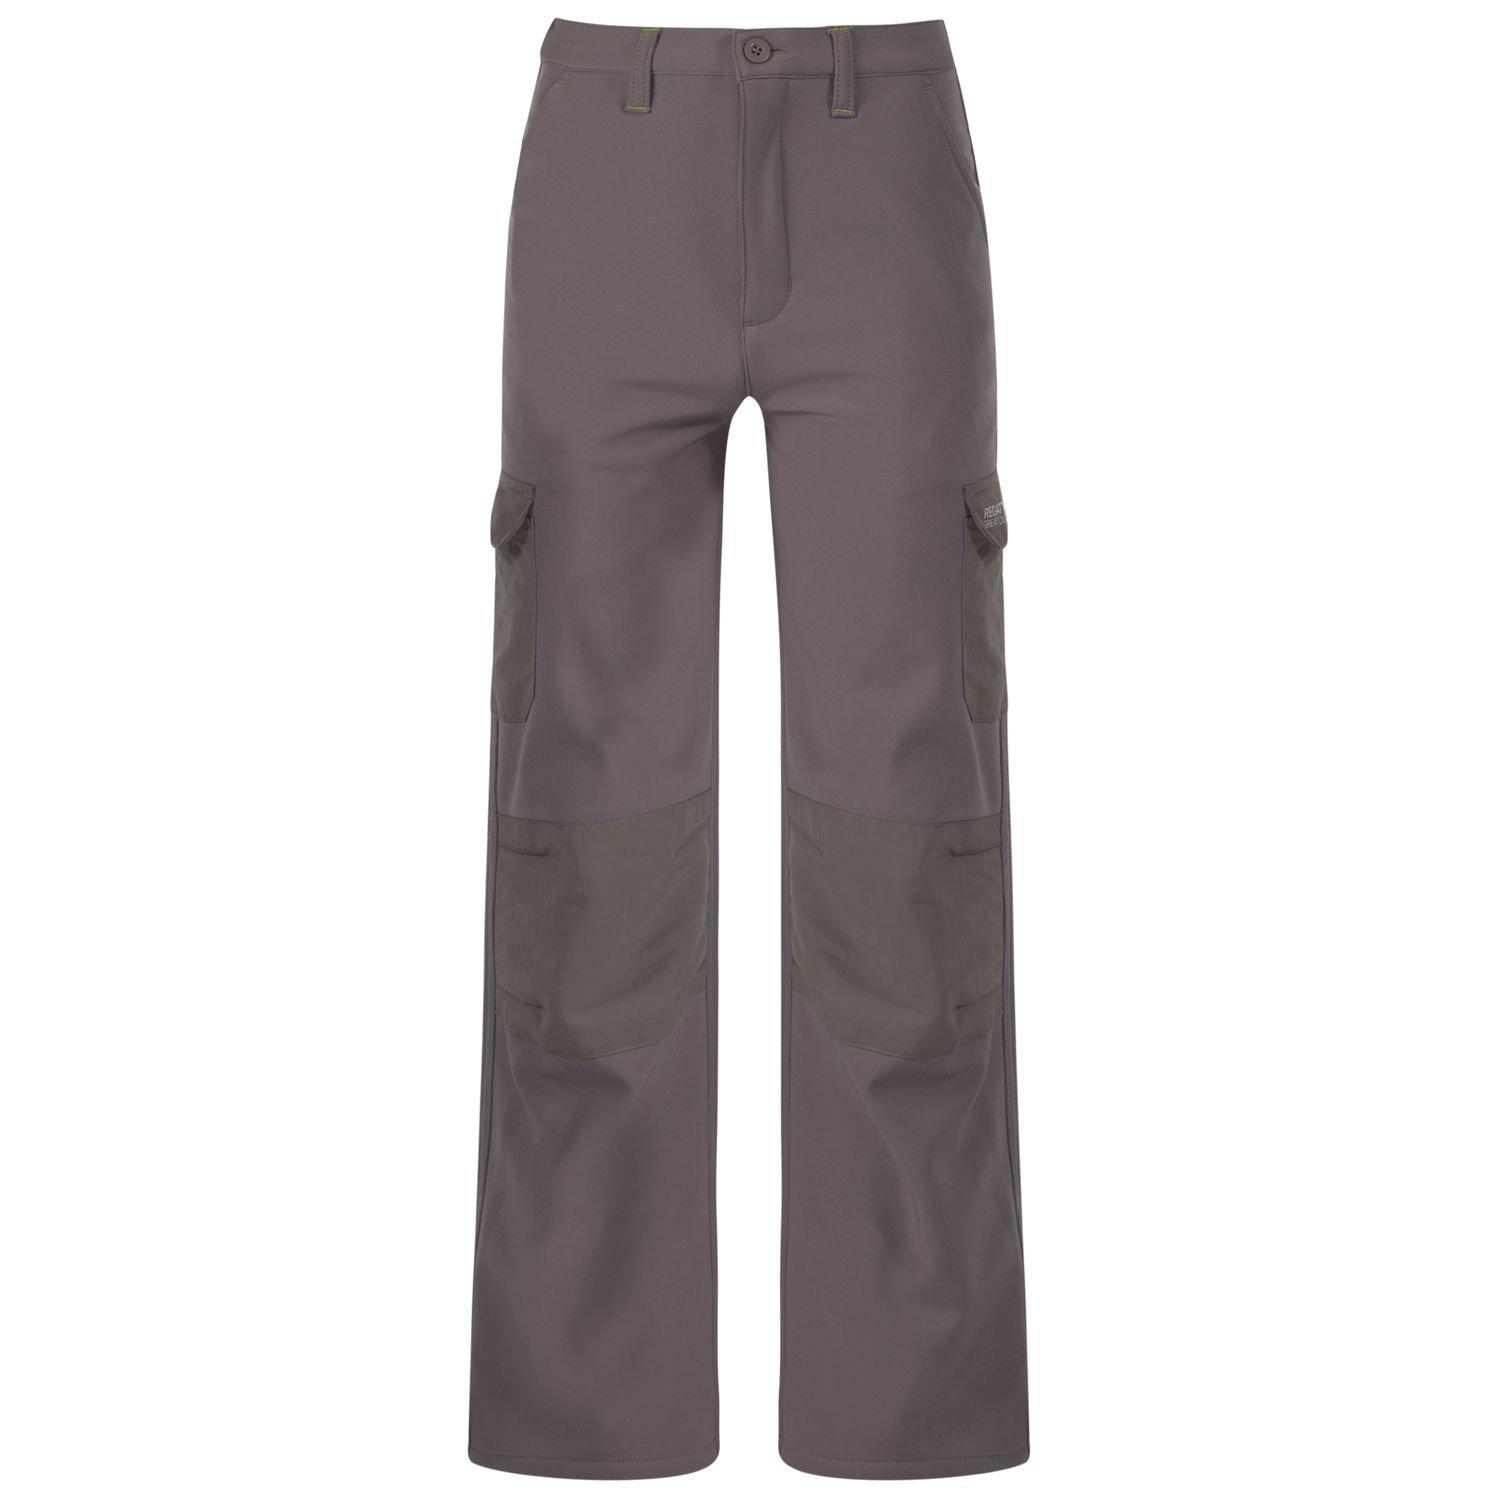 Regatta Great Outdoors Kids Boys Adventure Tech Softshell Weatherproof Trousers Rock Grey 28